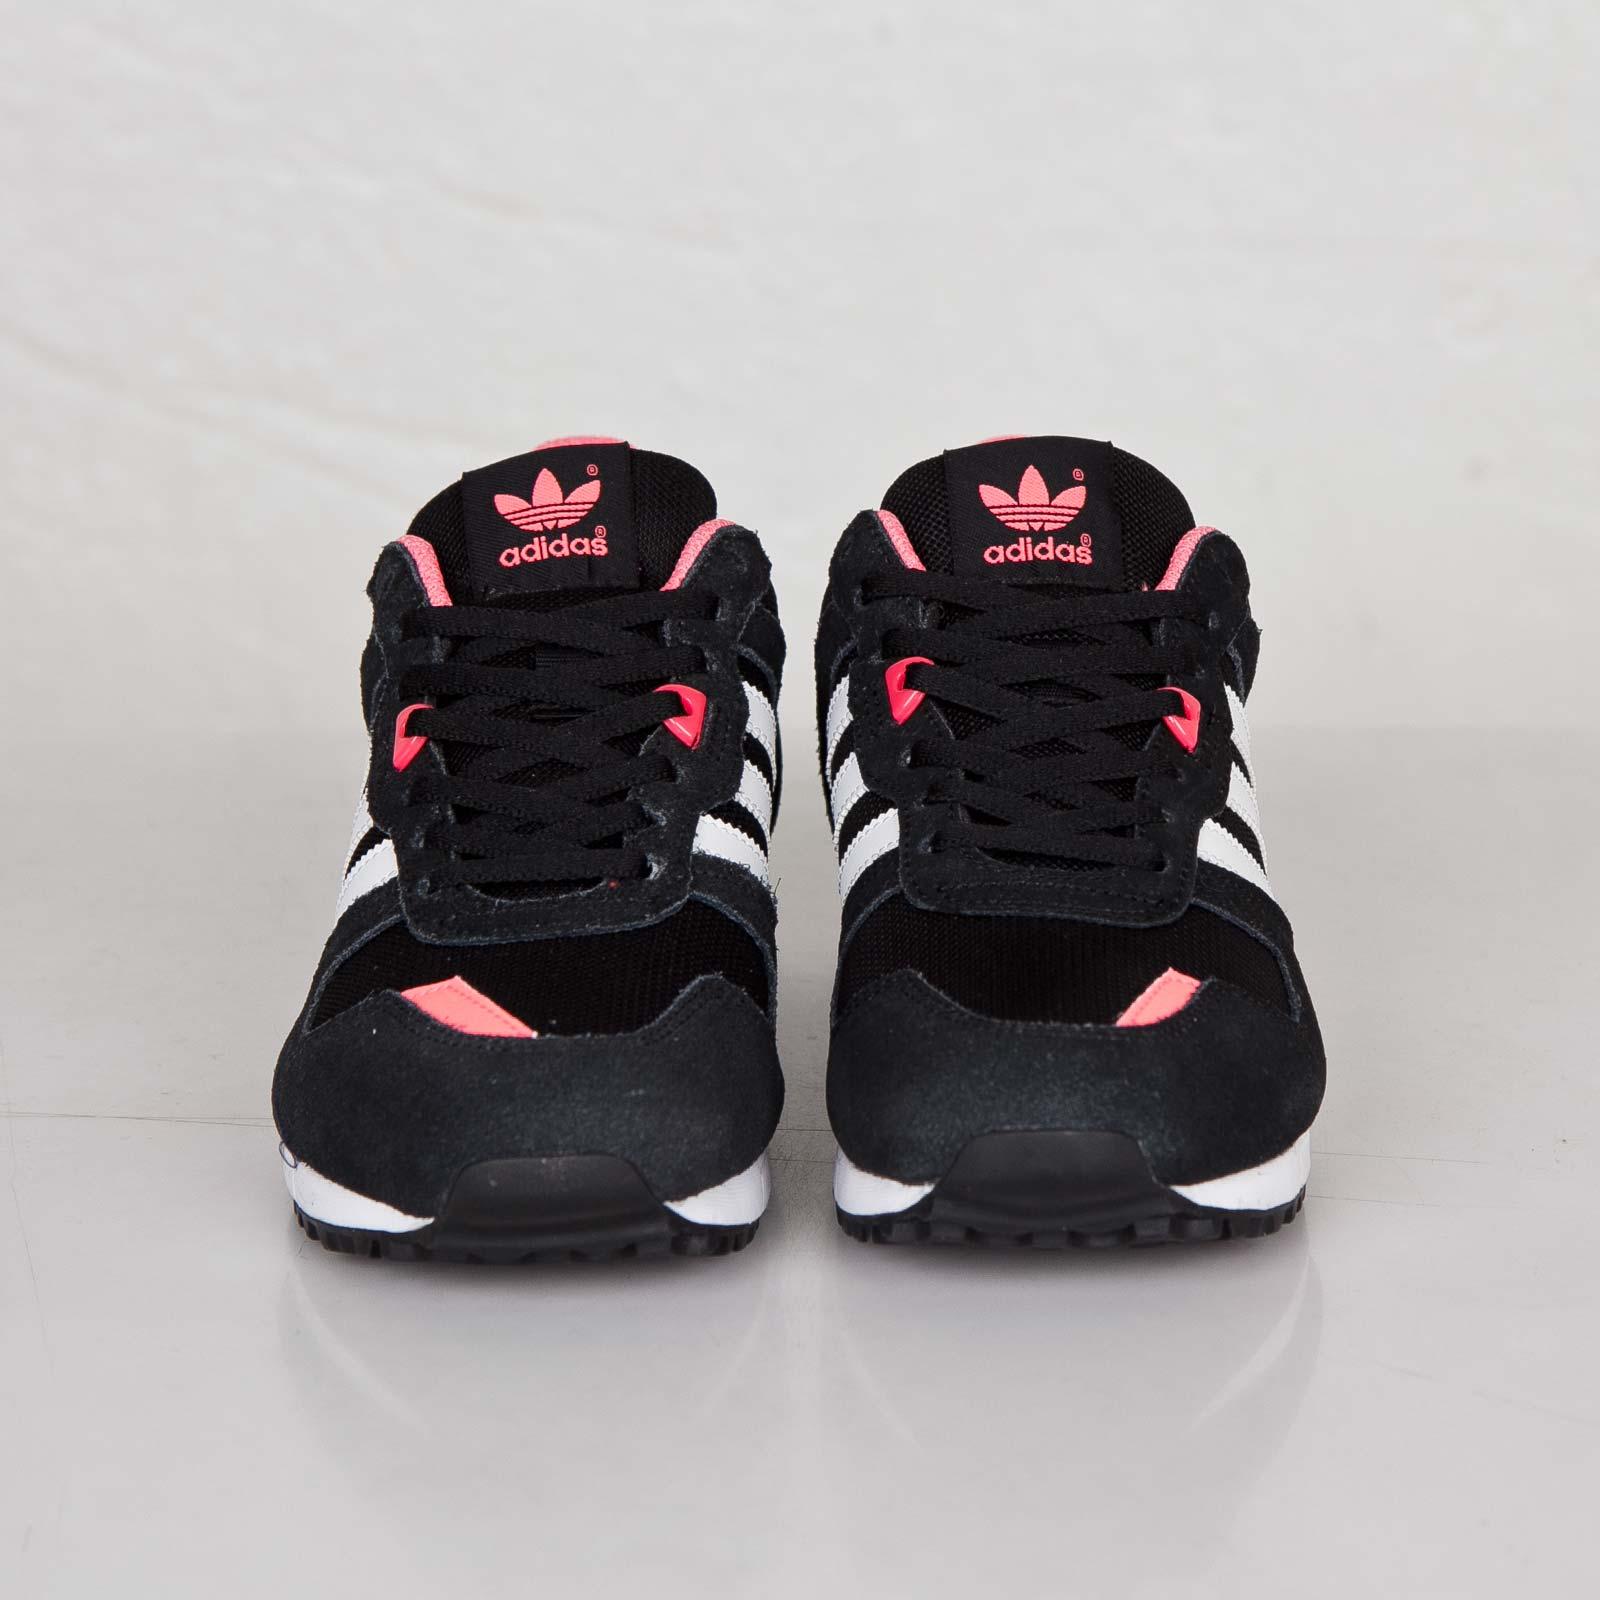 700 Zx I W Sneakersnstuff Sneakersamp; Adidas Streetwear M19412 vmn0Nw8